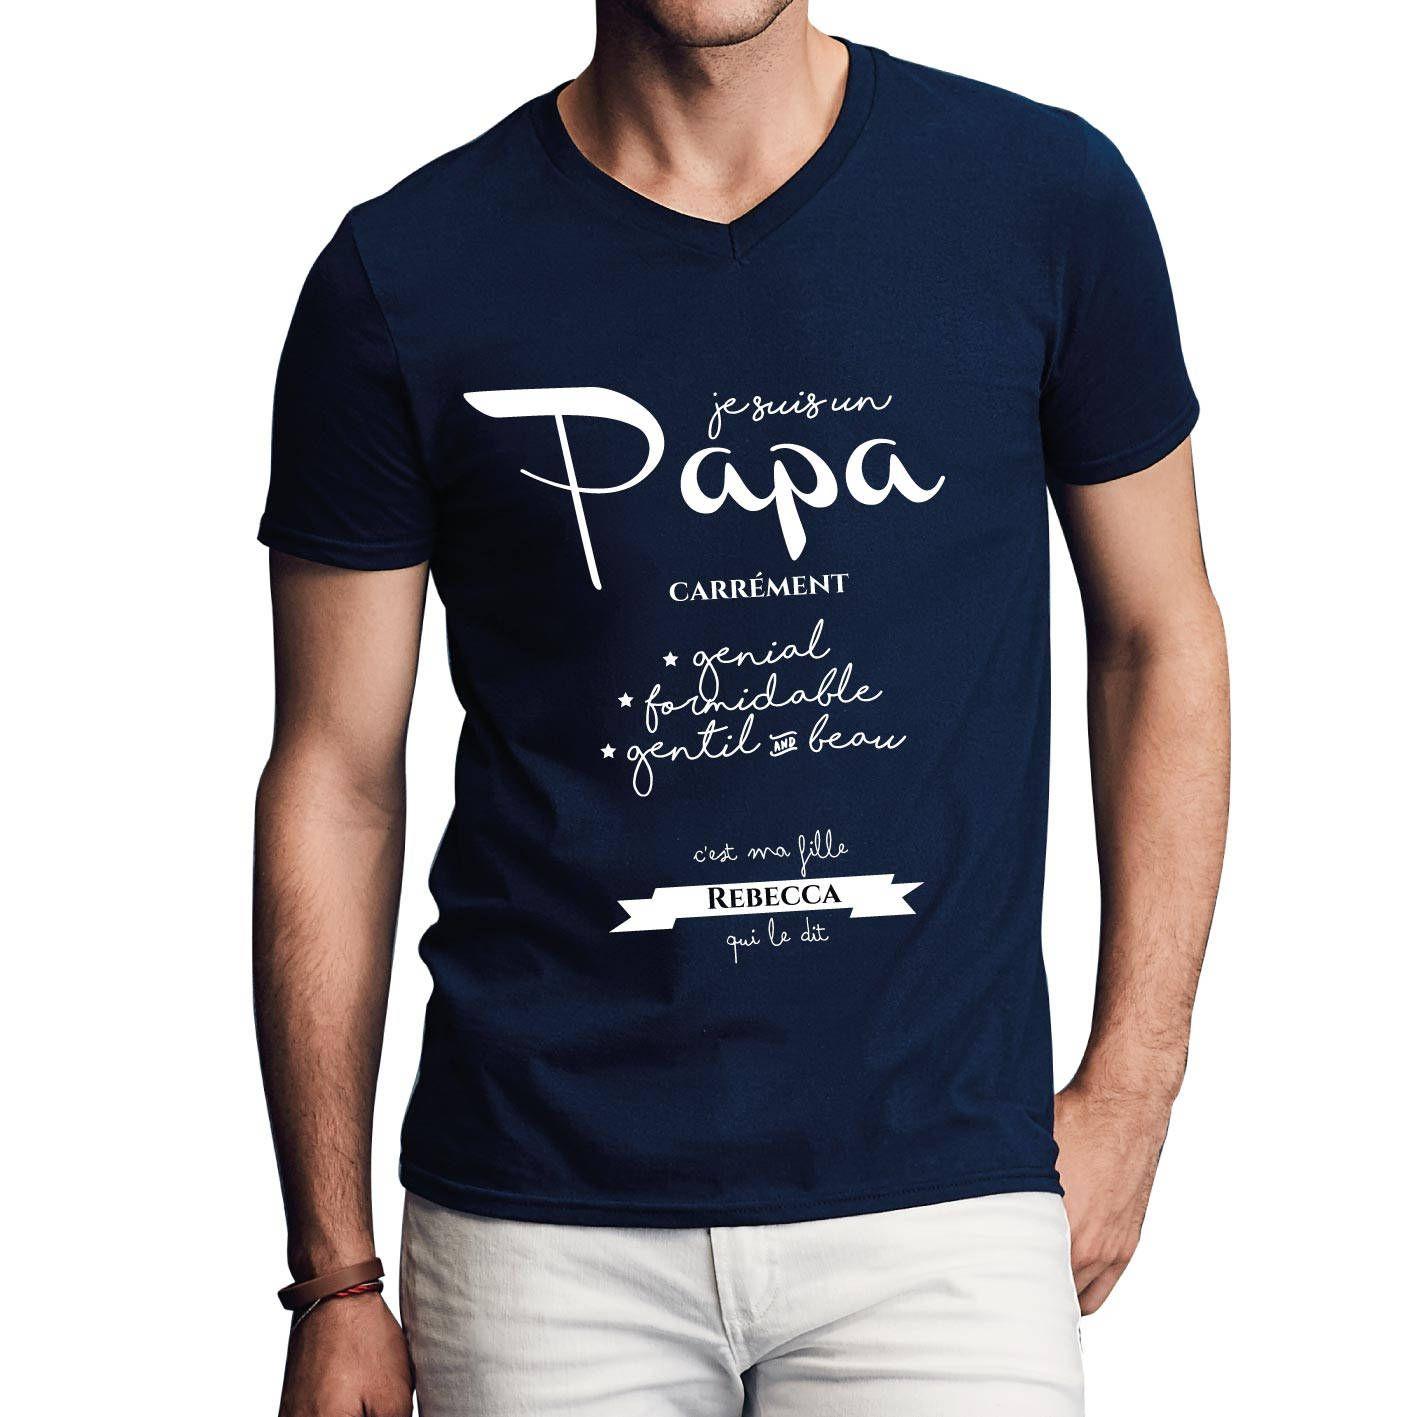 635e5841b25f2 T shirt à personnaliser papa avec votre prénom - Cadeau fête des pères -  Idée cadeau